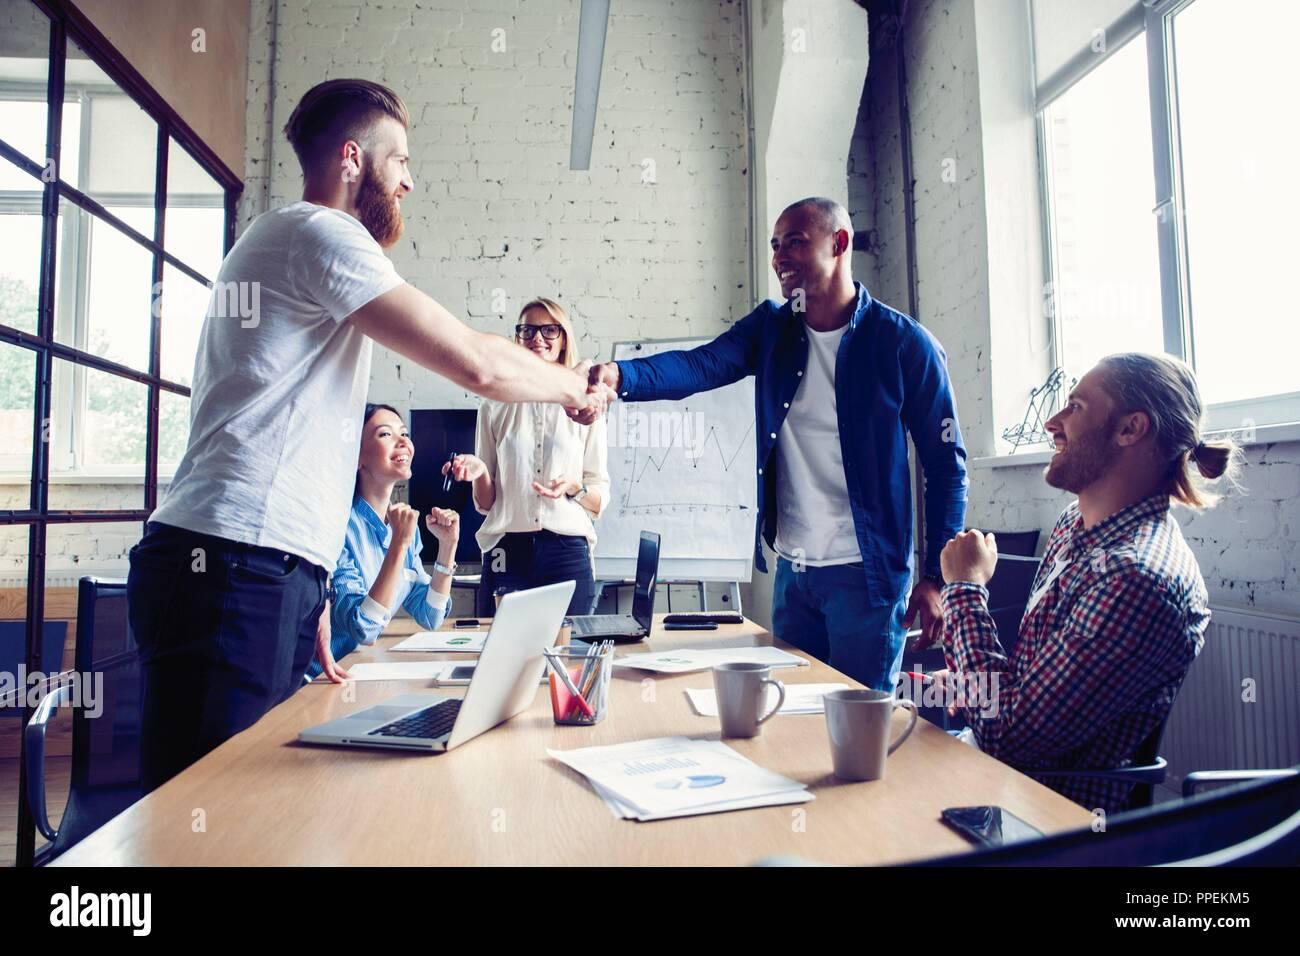 Nuevos socios comerciales. Jóvenes colegas moderno en smart ropa casual se estrechan las manos y sonriendo mientras está sentado en la oficina creativa. Imagen De Stock